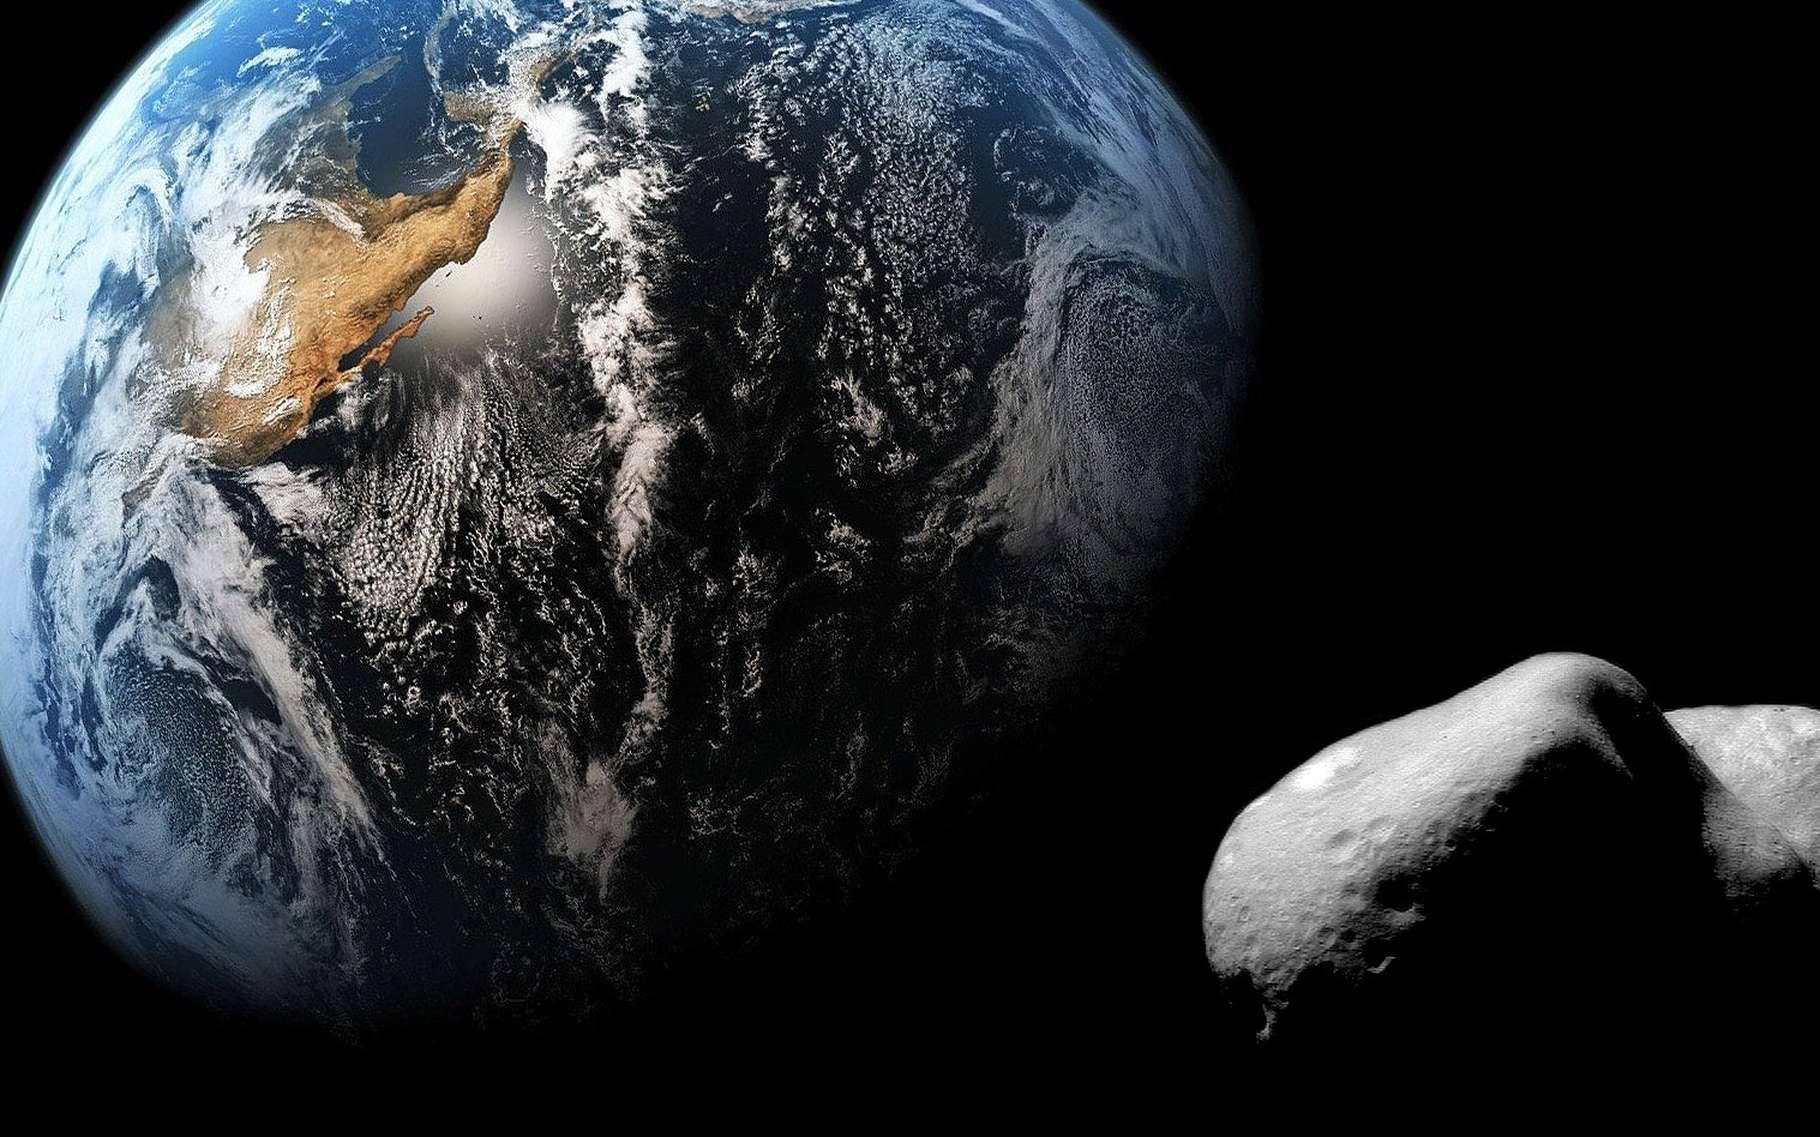 Il n'y a pas que des planètes dans le Système solaire. Le Soleil fait aussi tourner des poussières et des gros rochers, dont certains sont si massifs qu'ils en deviennent à peu près sphériques, les astéroïdes. Ils sont parfois menaçants et souvent bavards sur l'histoire de notre monde. © DR